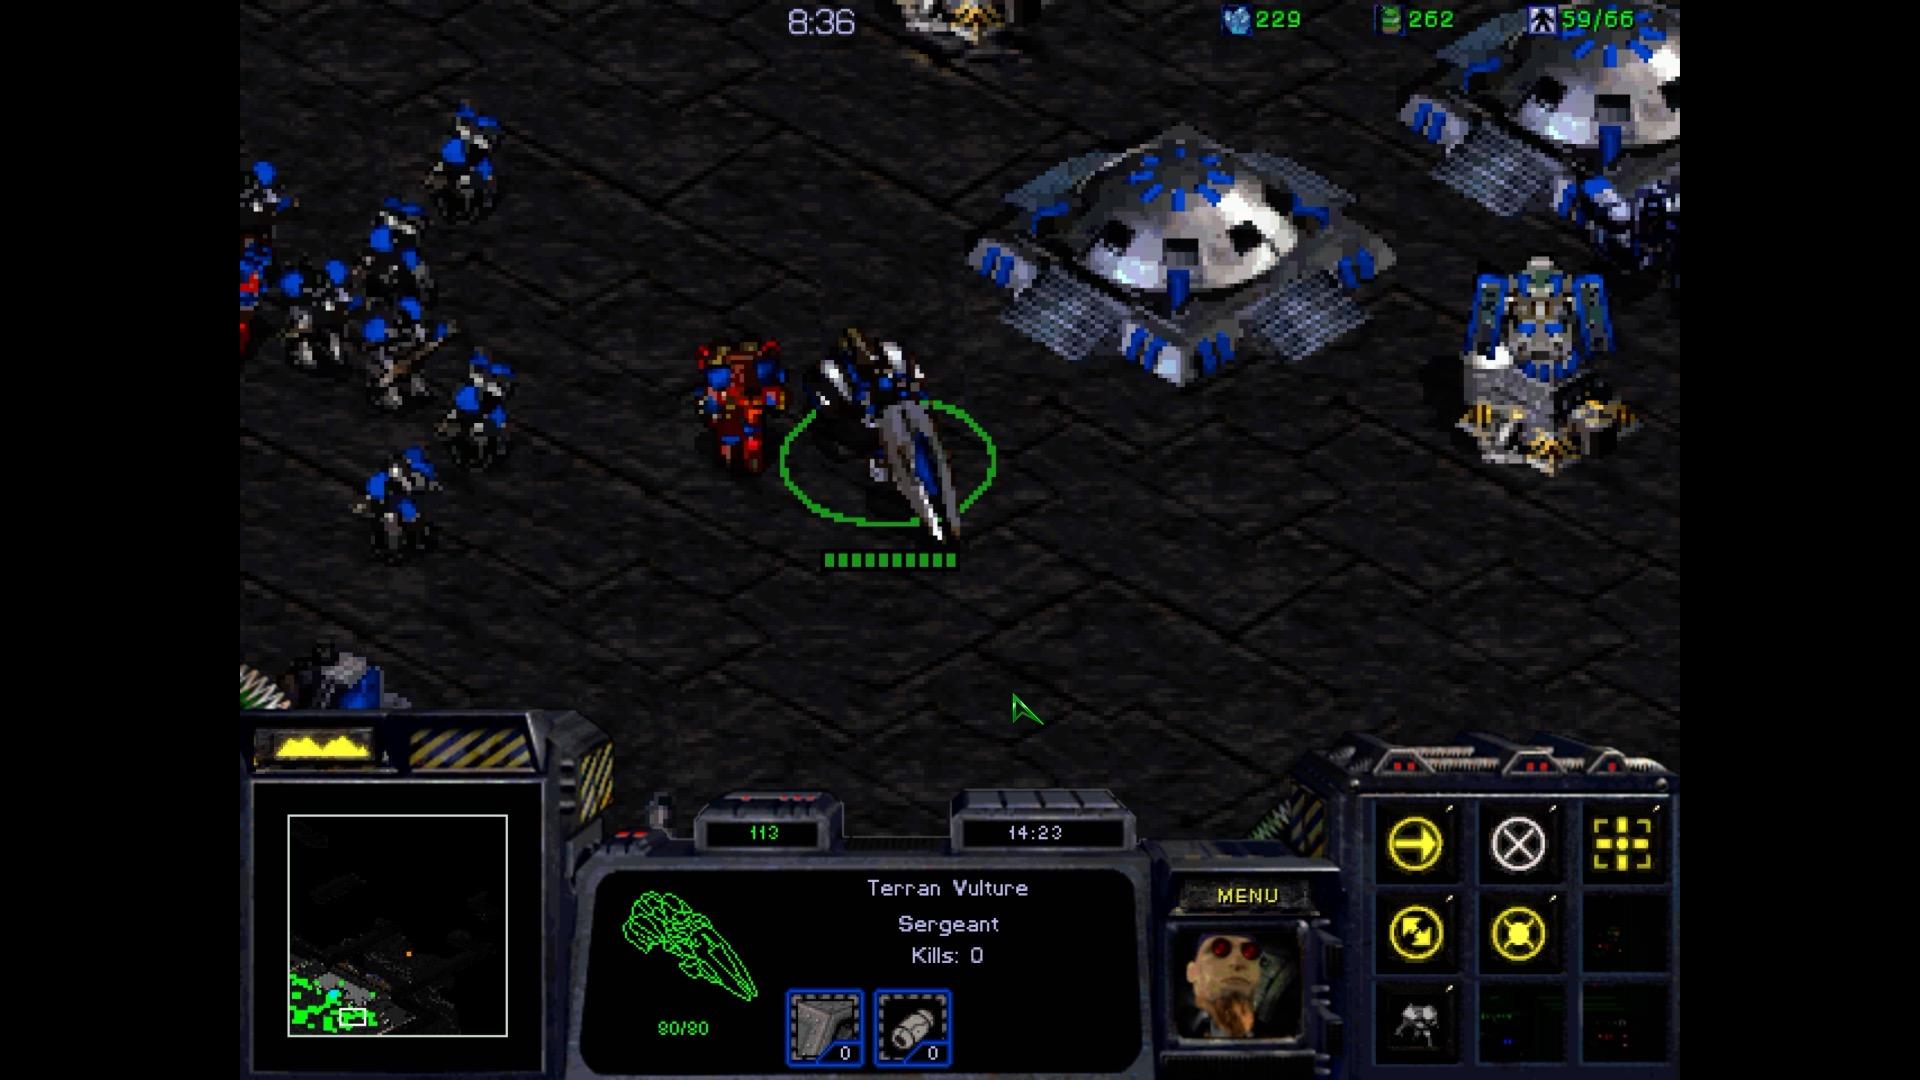 Starcraft Remastered im Test: Klick, klick, klick, klick, klick als wär es 1998 - Starcraft (Screenshot: Michael Wieczorek/Golem.de)